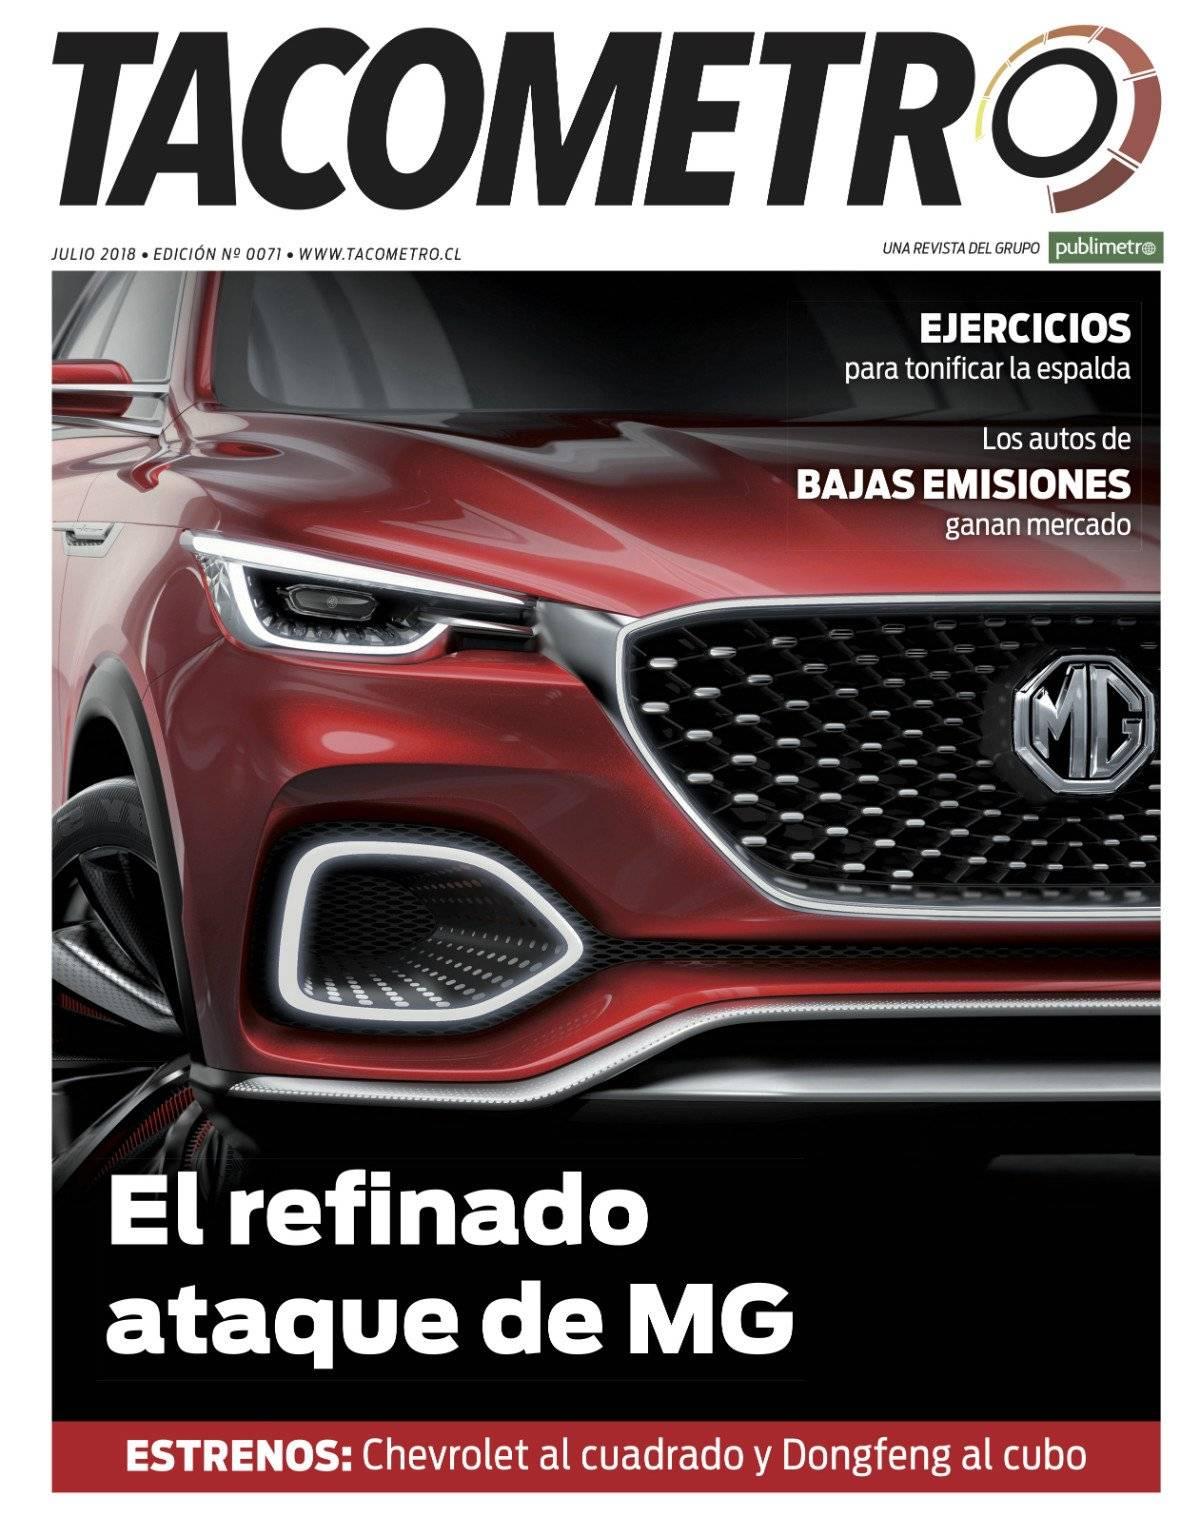 Revista Tacómetro de julio